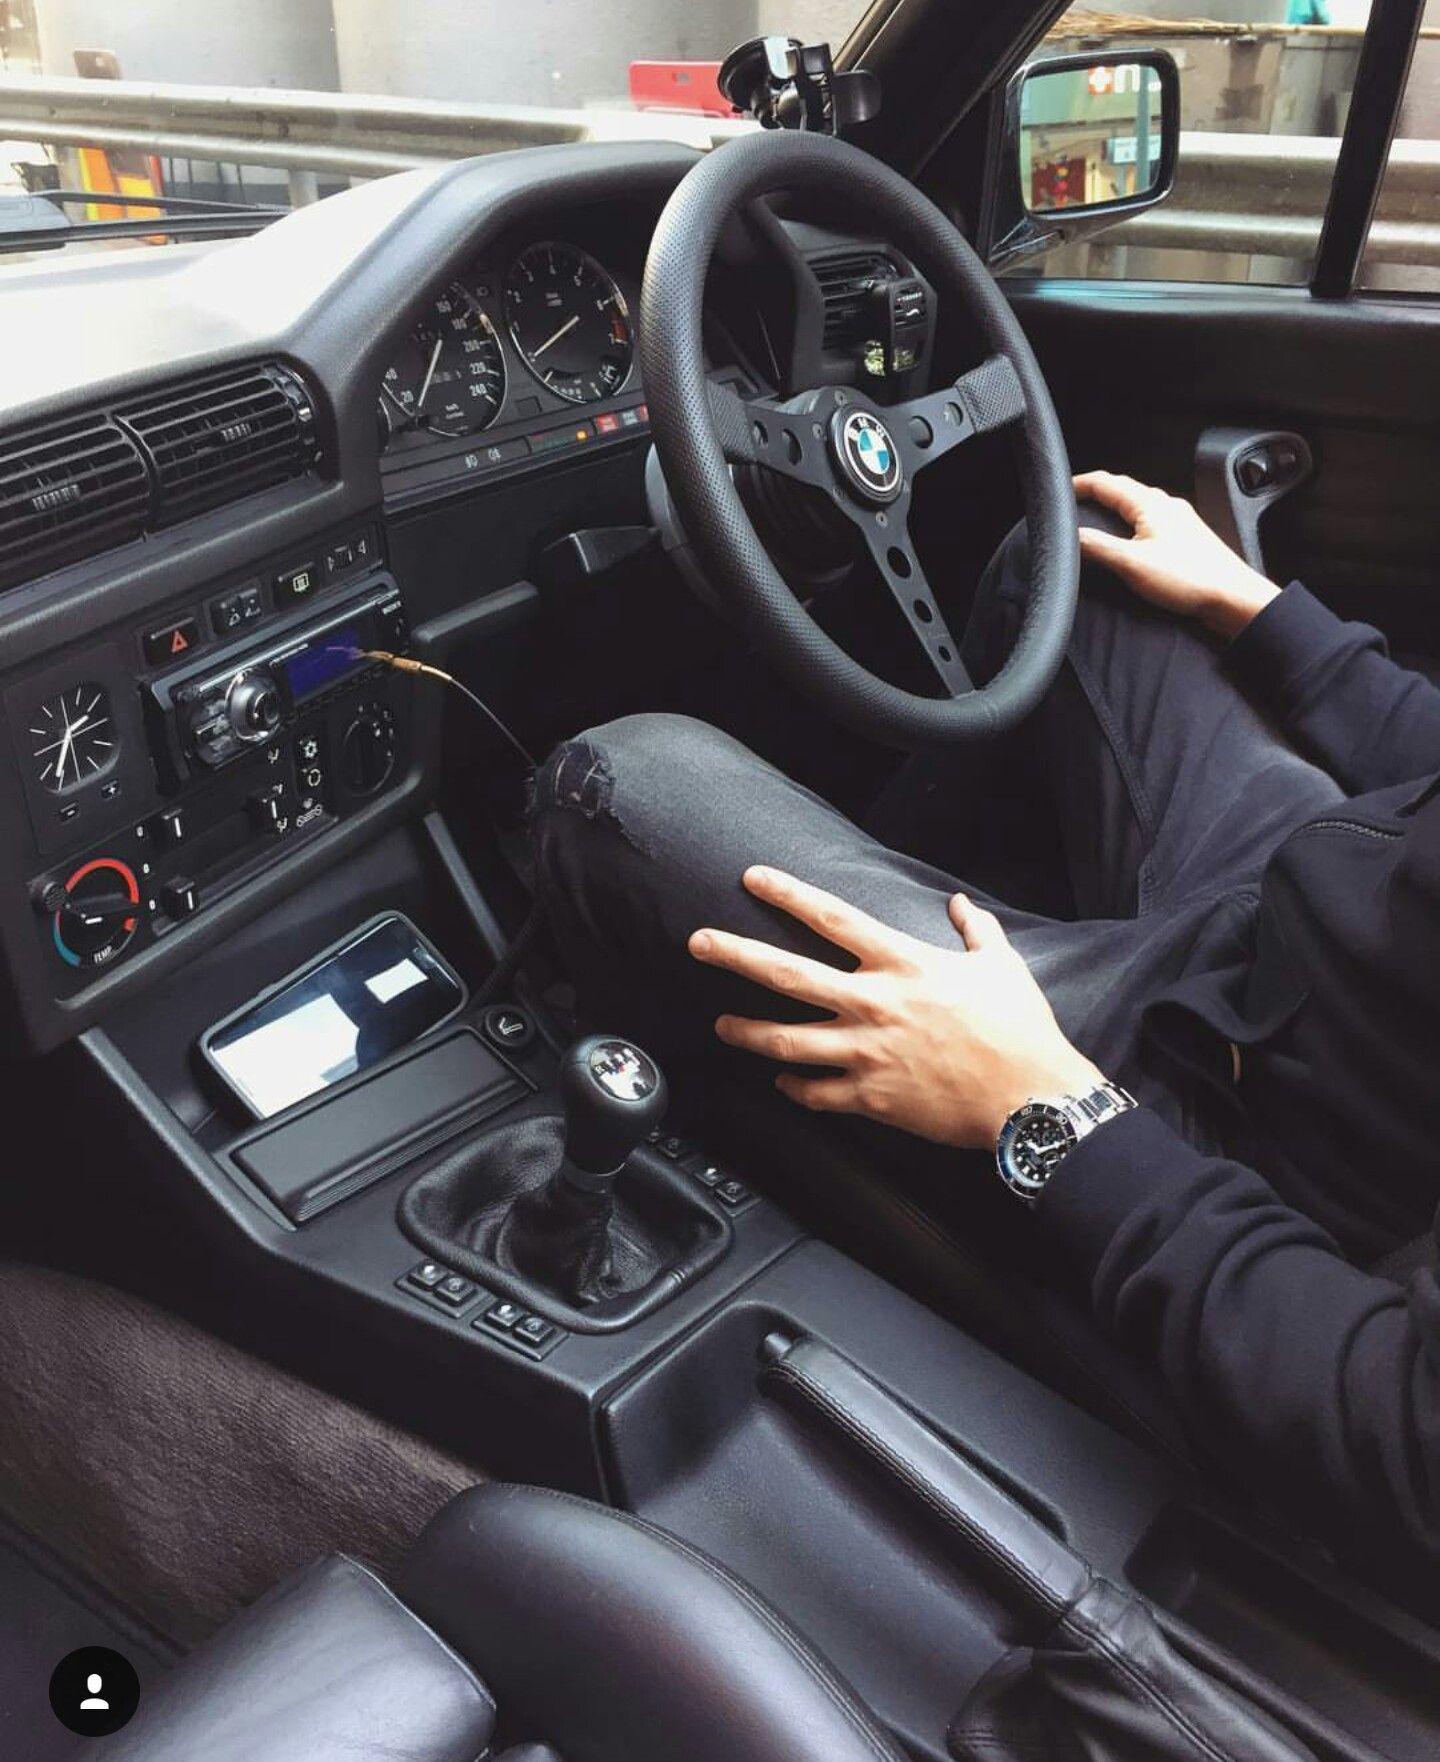 E30 Bmw Bmw E30 Bmw E30 Interior Bmw Interior